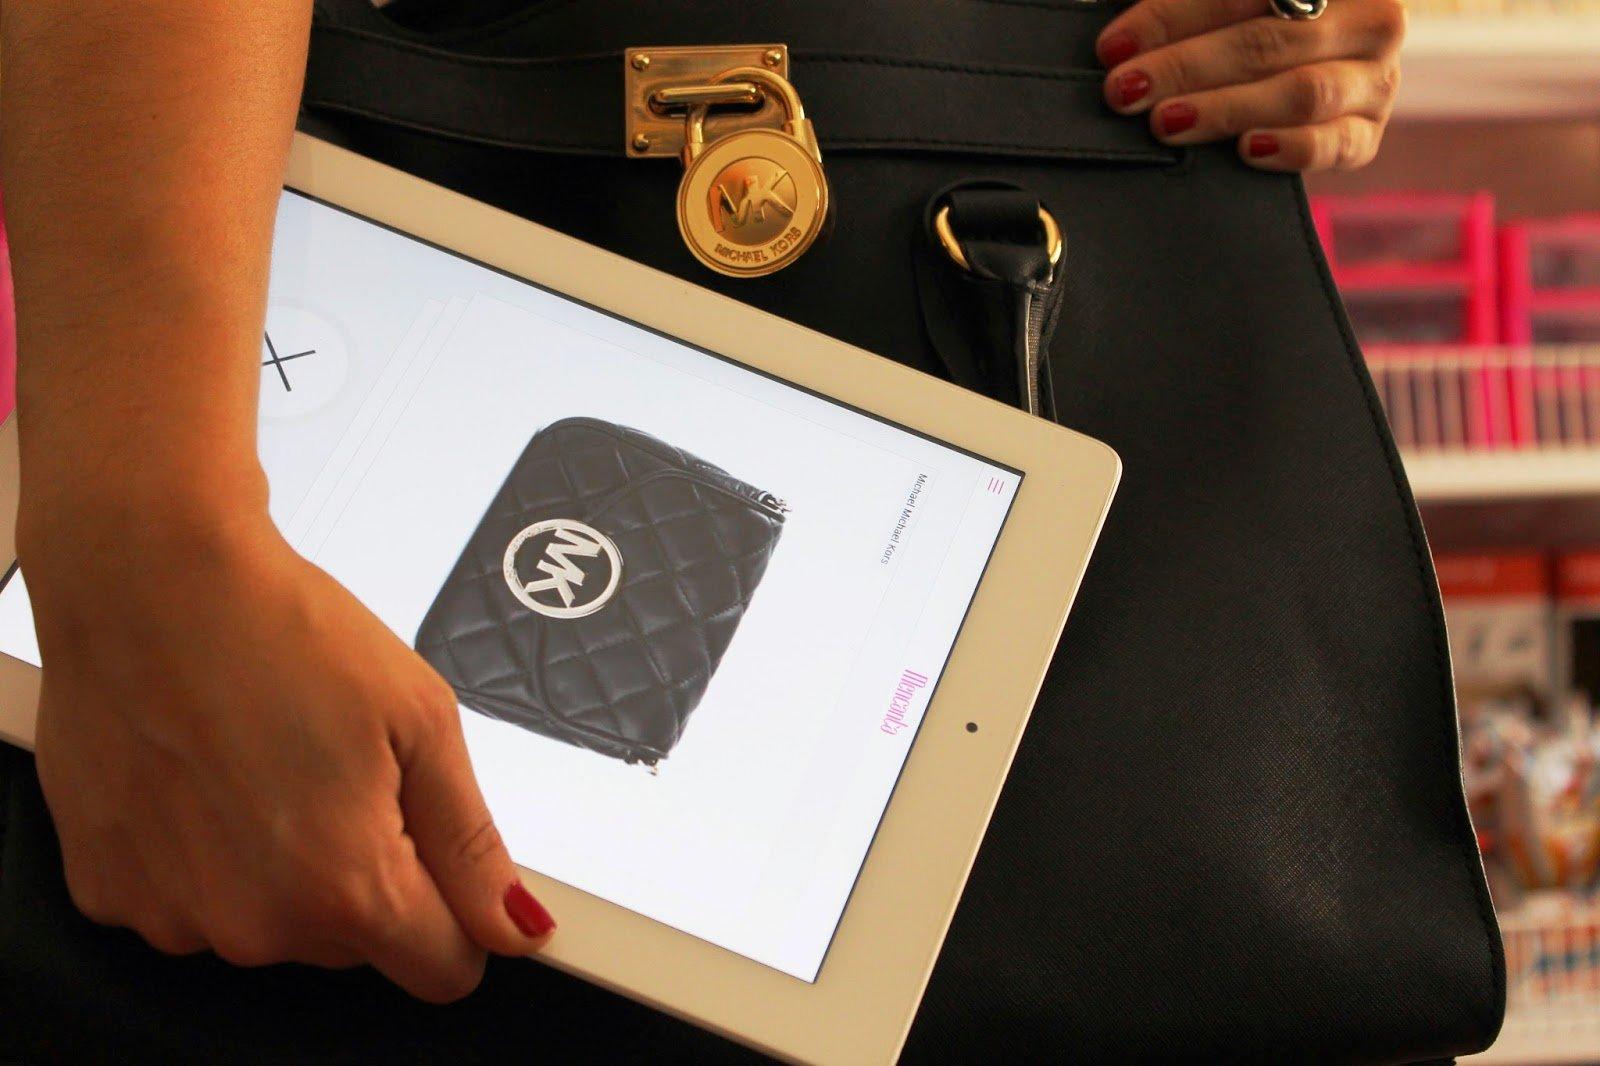 Las ventas online de lujo crecen de forma imparable